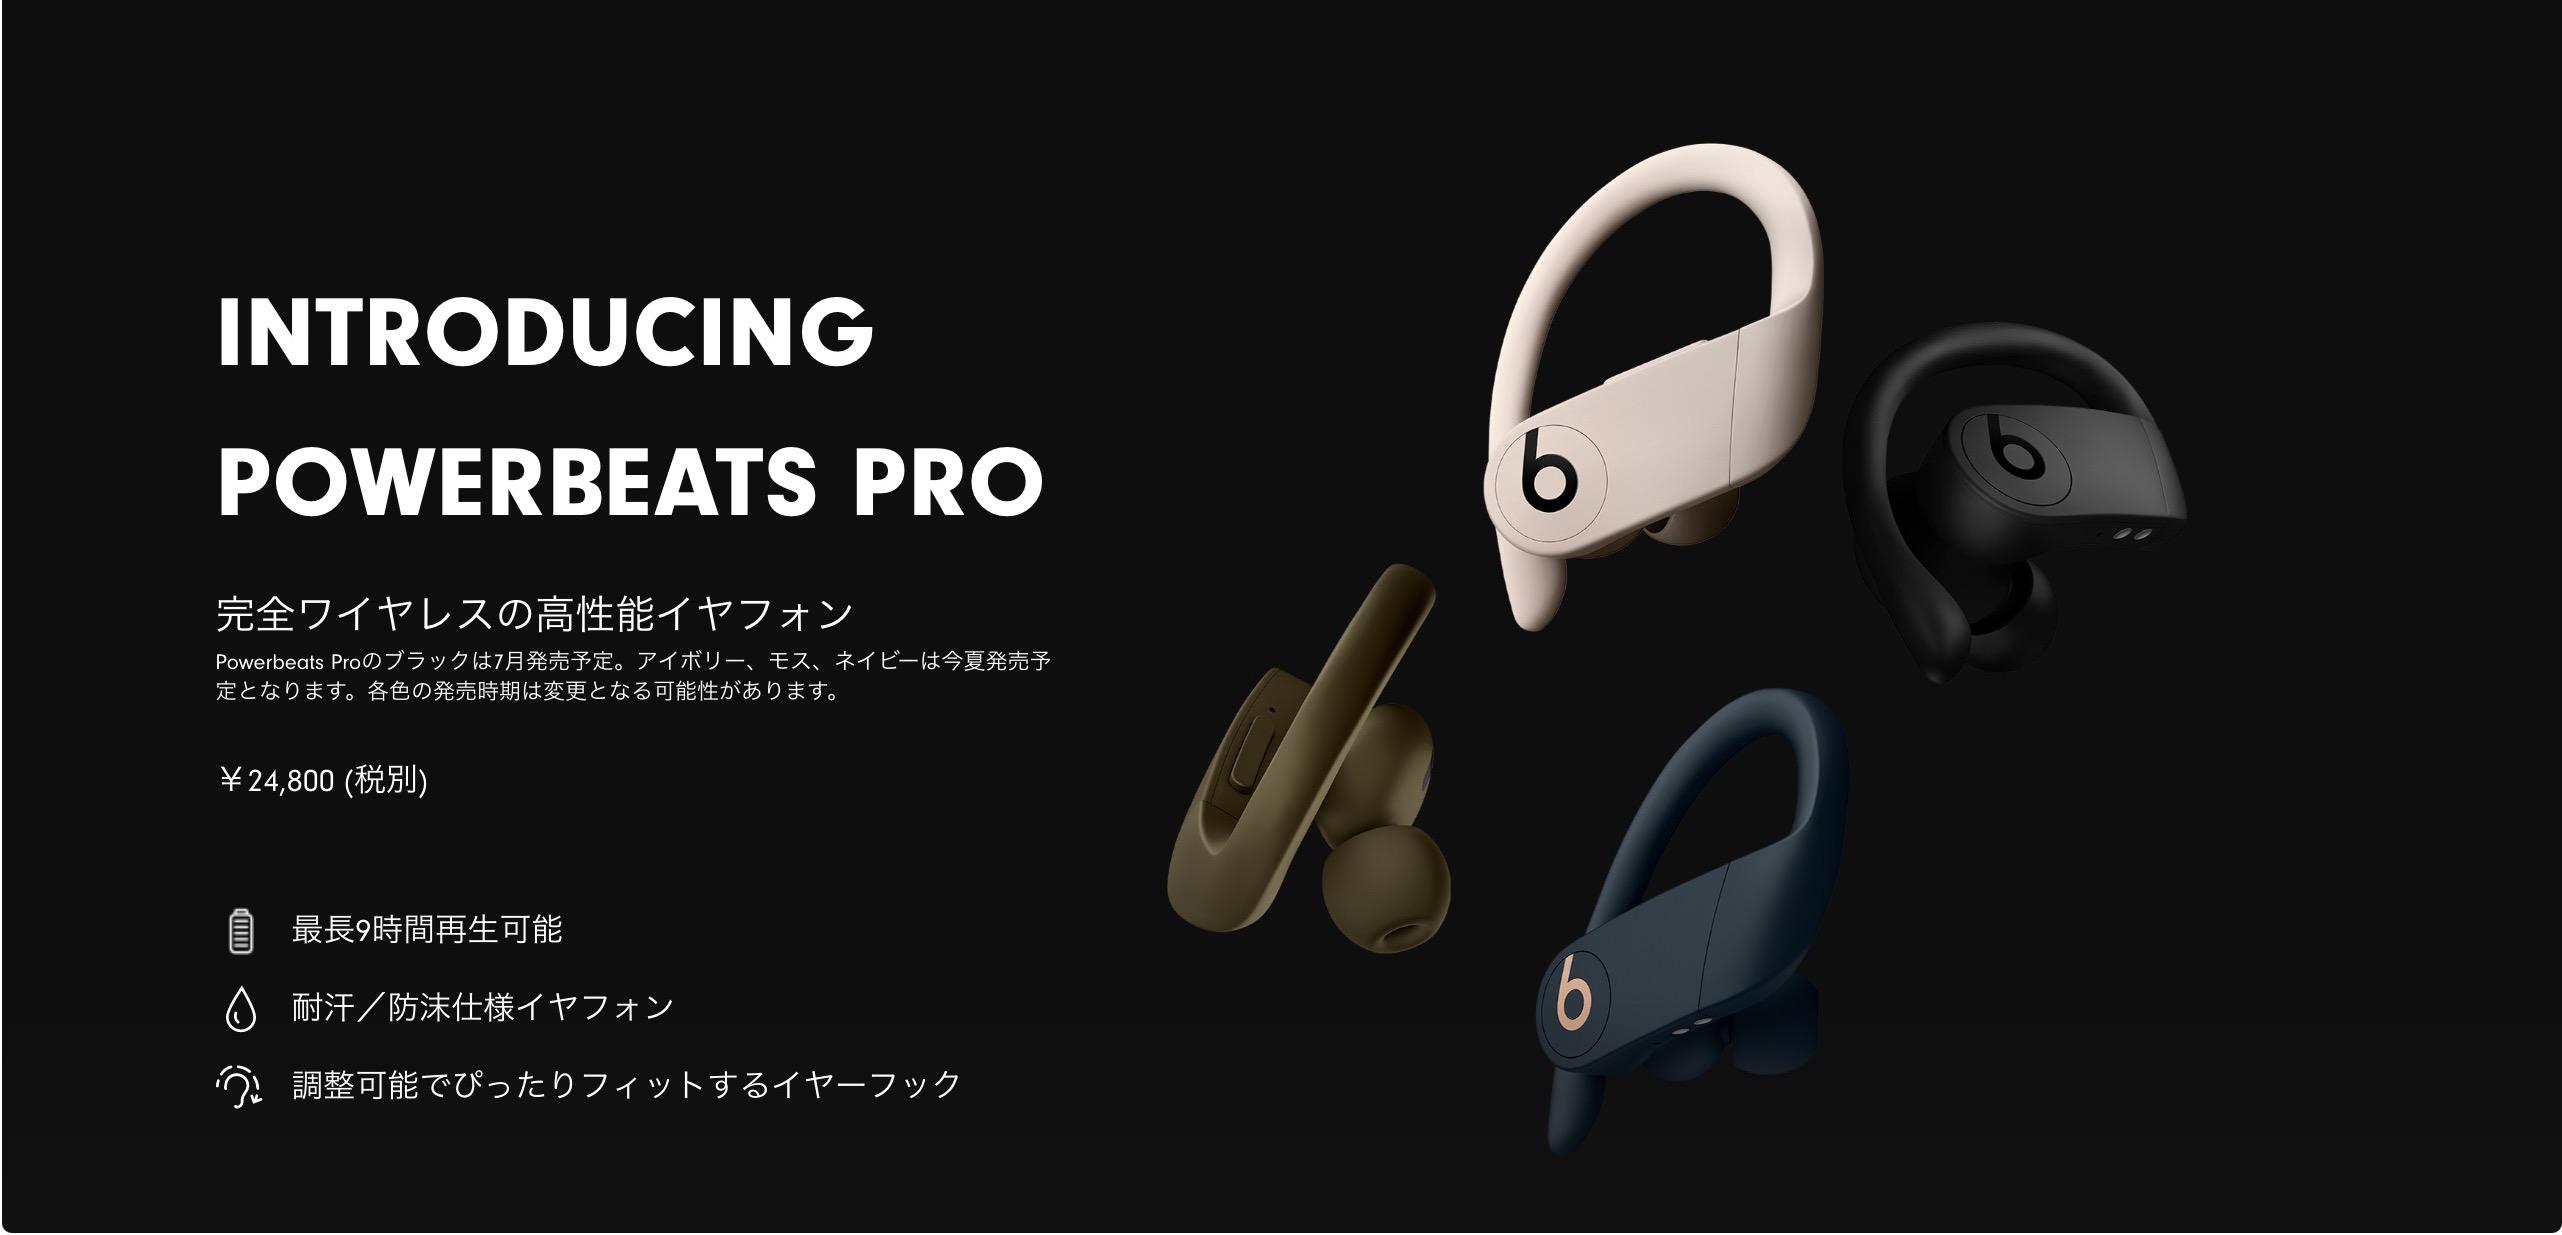 Powerbeats Pro、ブラックカラー以外の発売日は8月以降に